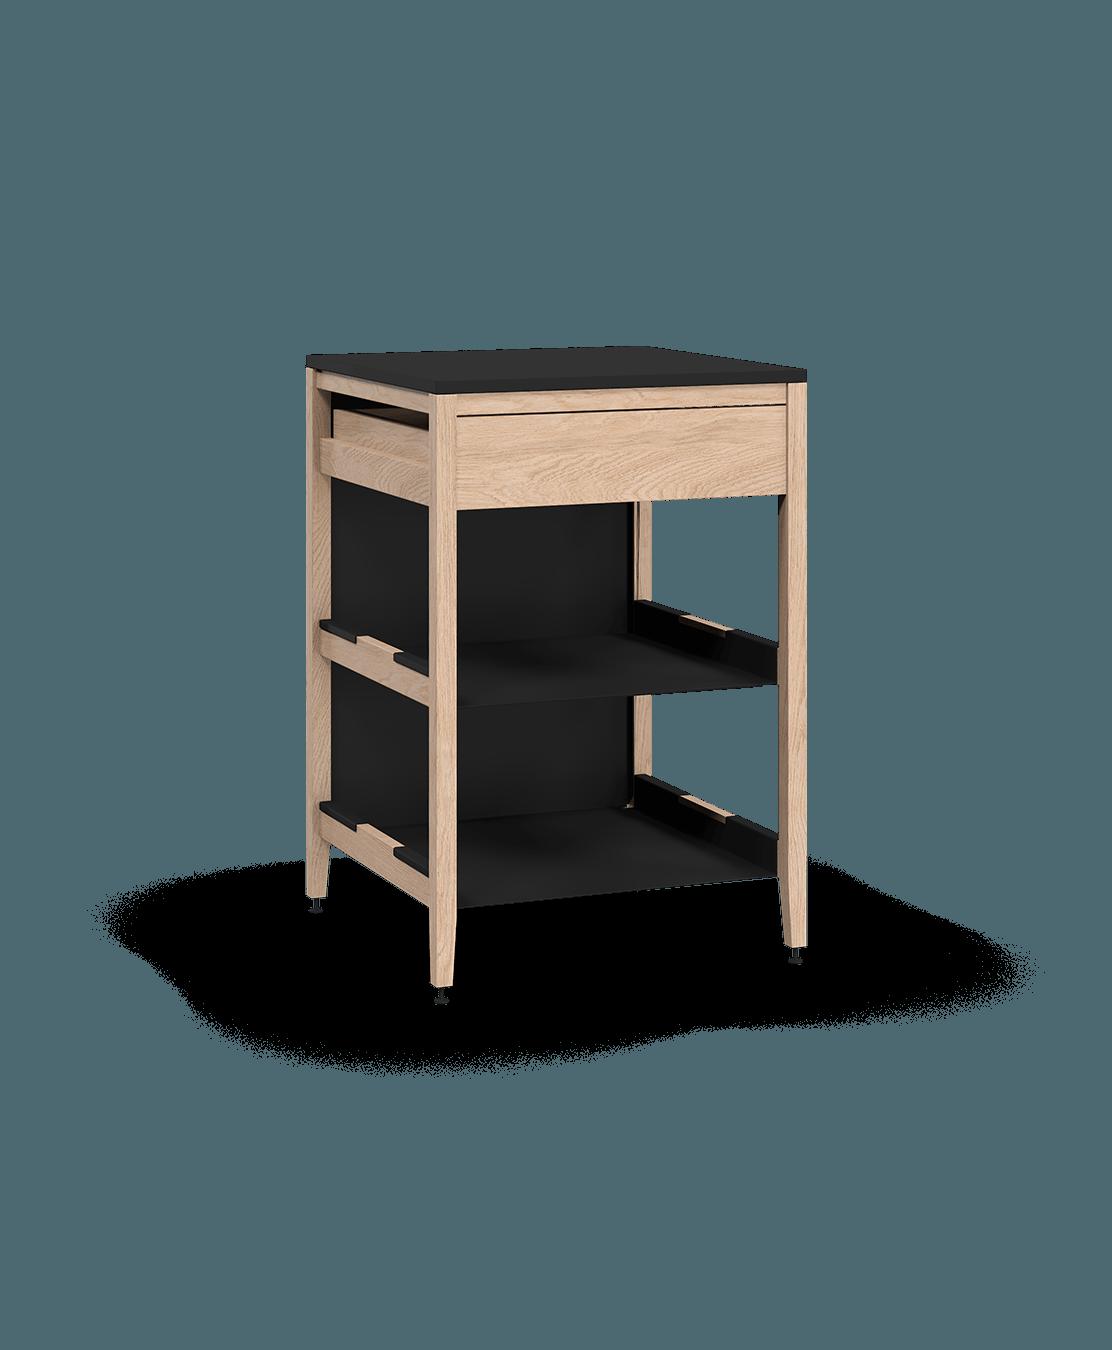 armoire de cuisine modulaire inférieure en bois massif coquo radix avec 2 tablettes 1 tiroir chêne blanc 27 pouces C1-C-27TB-1022-NA